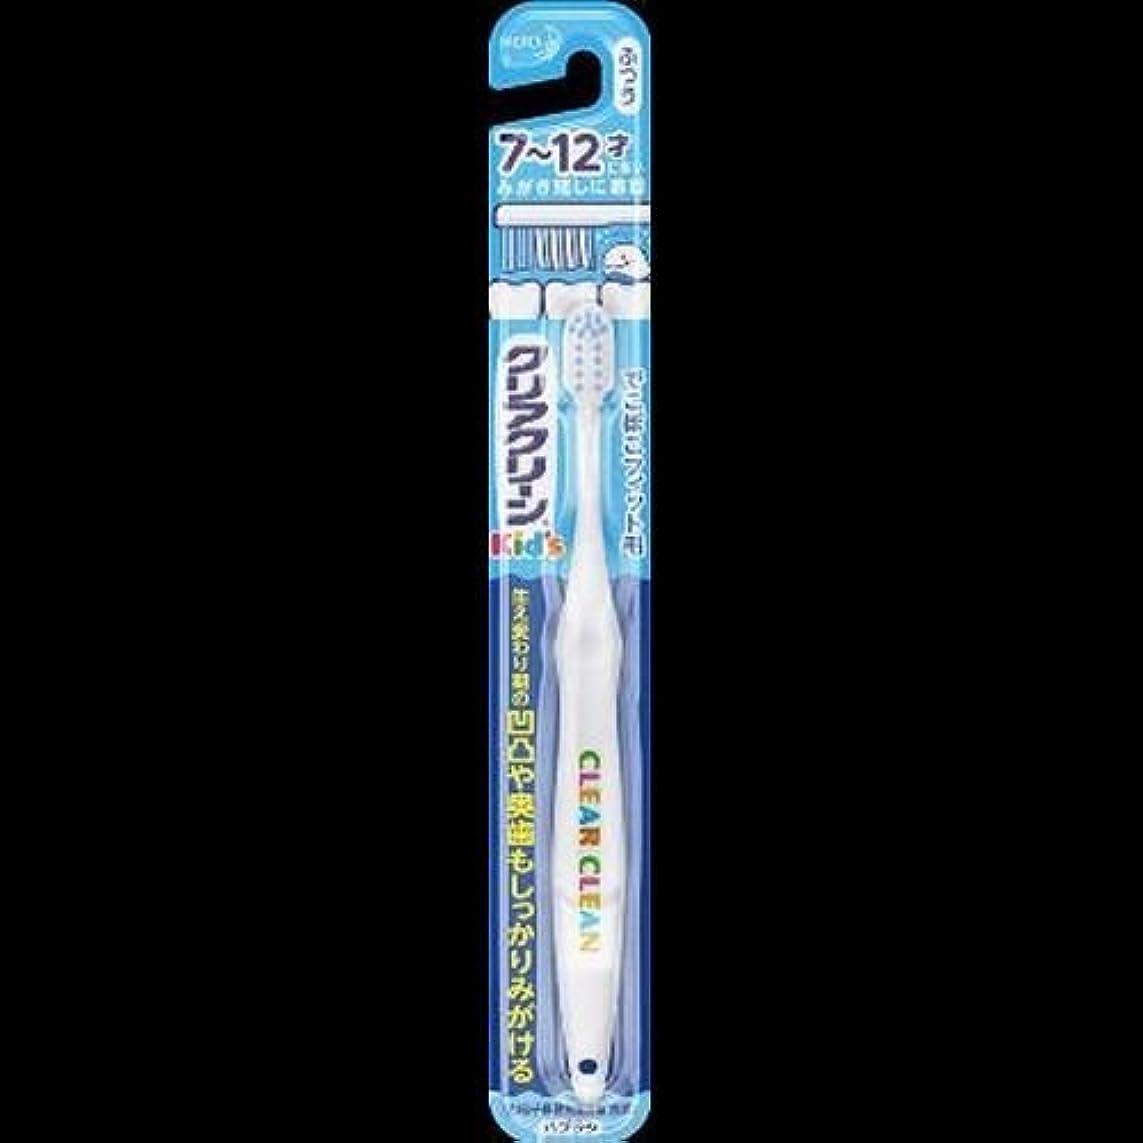 ギャラントリーブロンズ反発【まとめ買い】クリアクリーン Kid's ハブラシ7~12才向け 1本 ×2セット